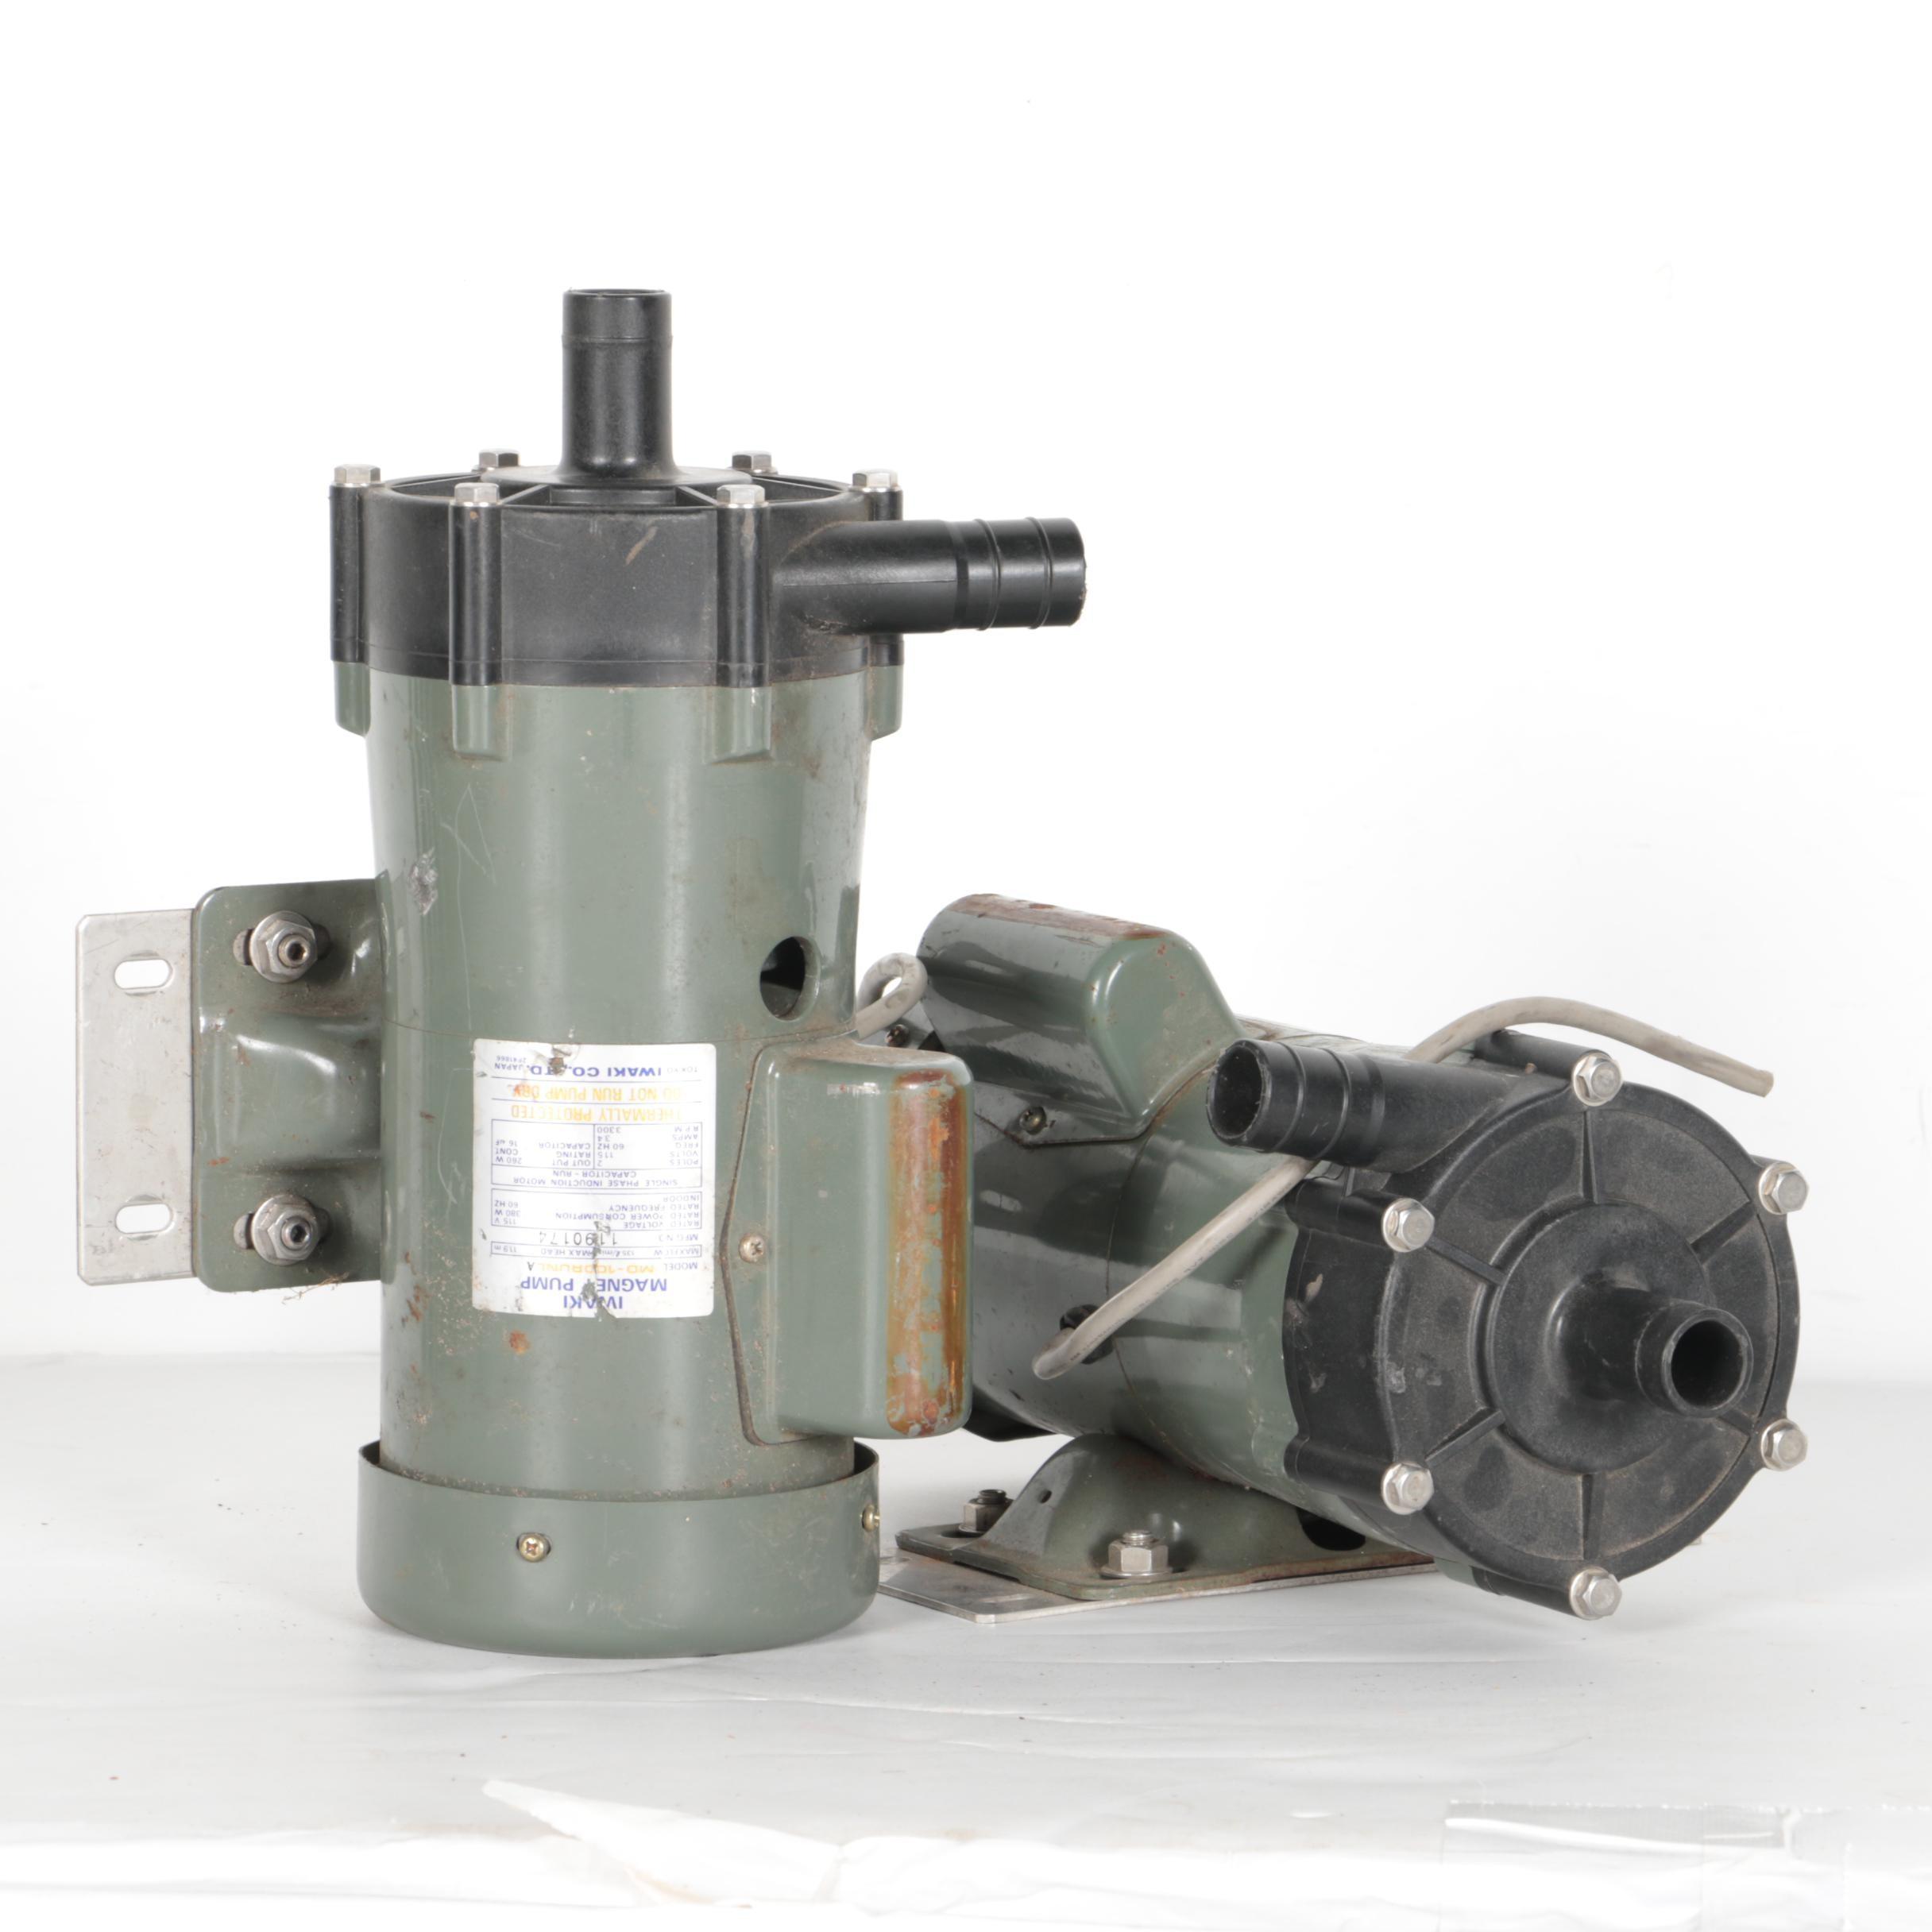 Pair of Iwaki Magnet Pumps